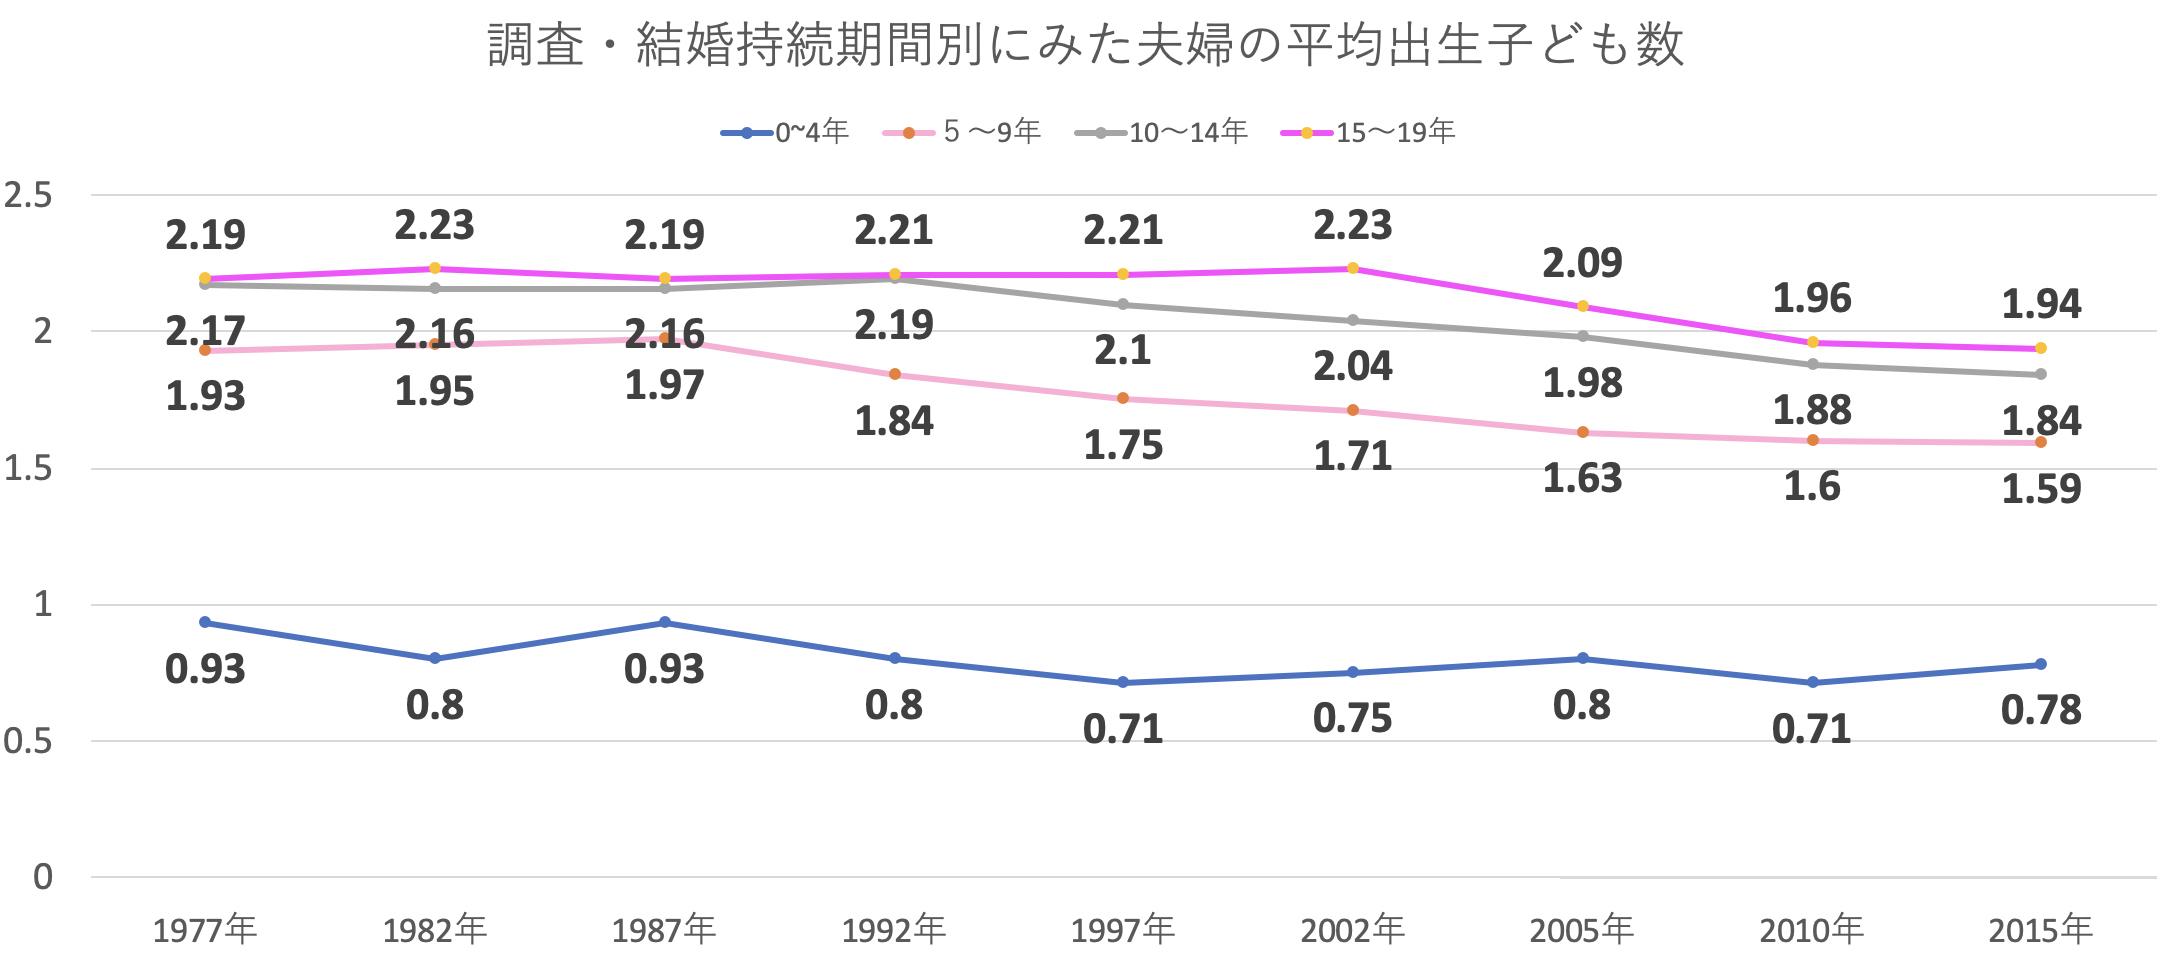 調査・結婚持続期間別にみた夫婦の平均出生子ども数